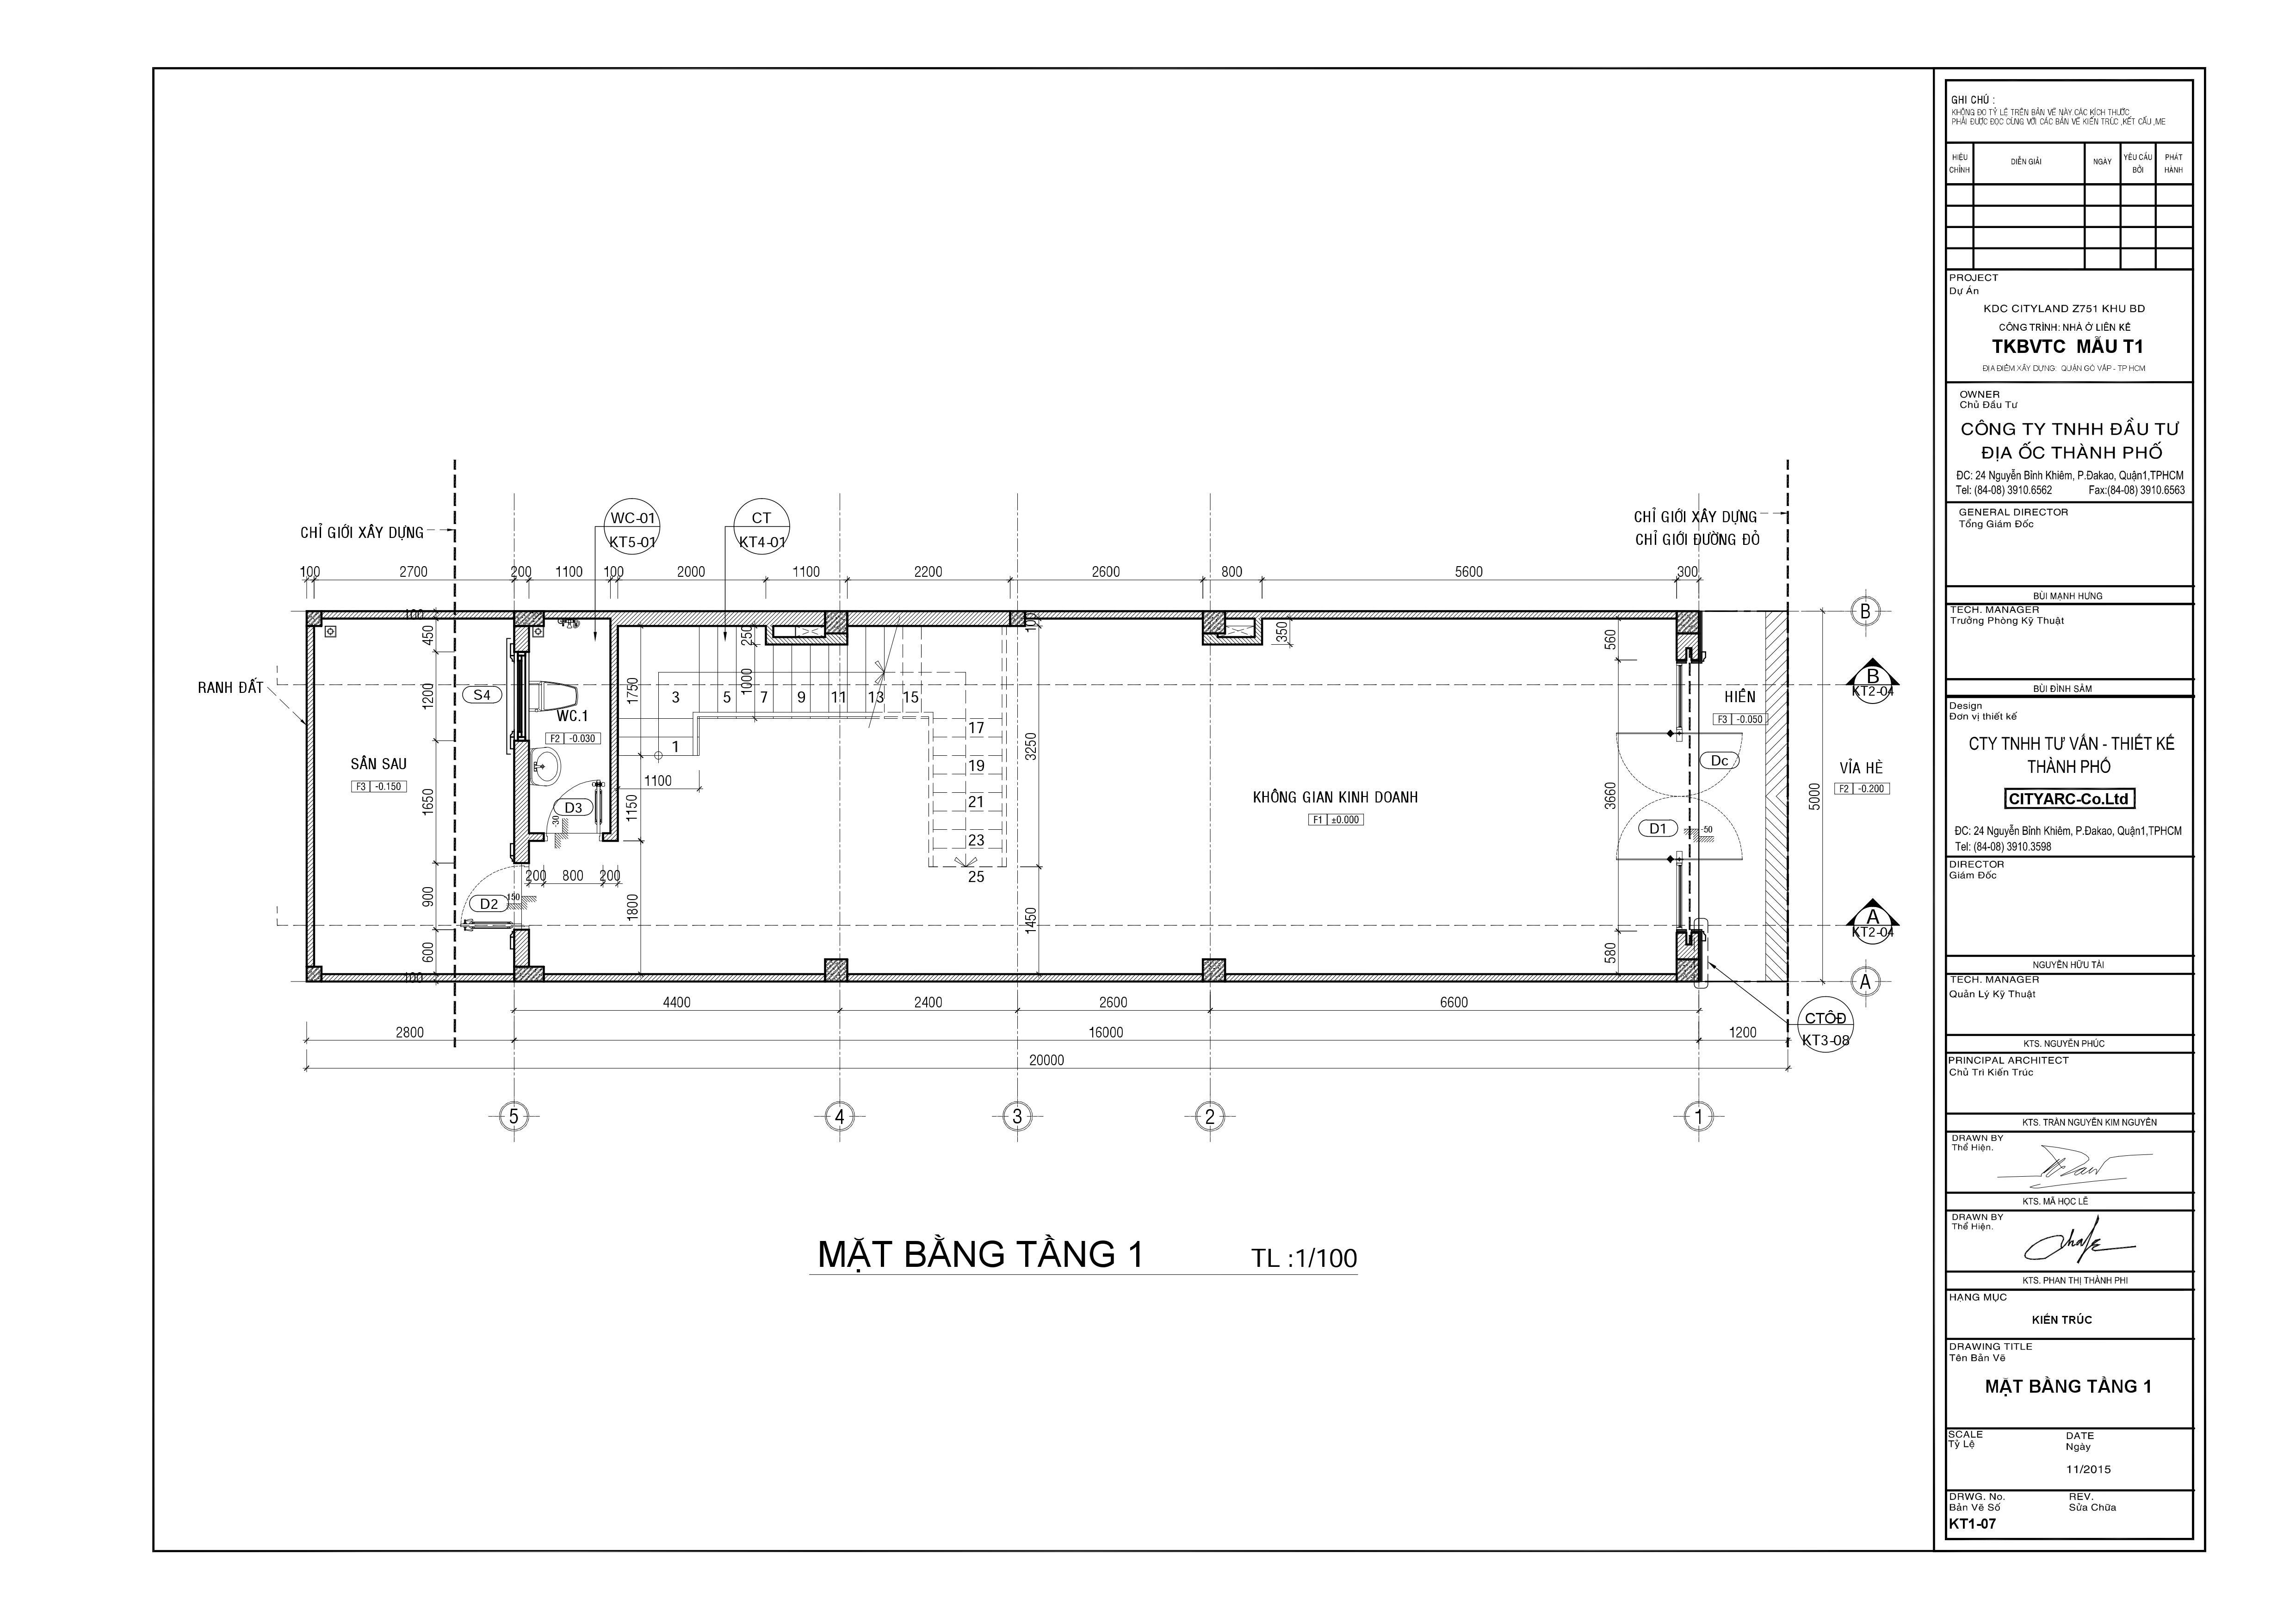 Nhà phố mặt tiền kinh doanh Cityland Park Hills Mẫu T1 - Tầng 1